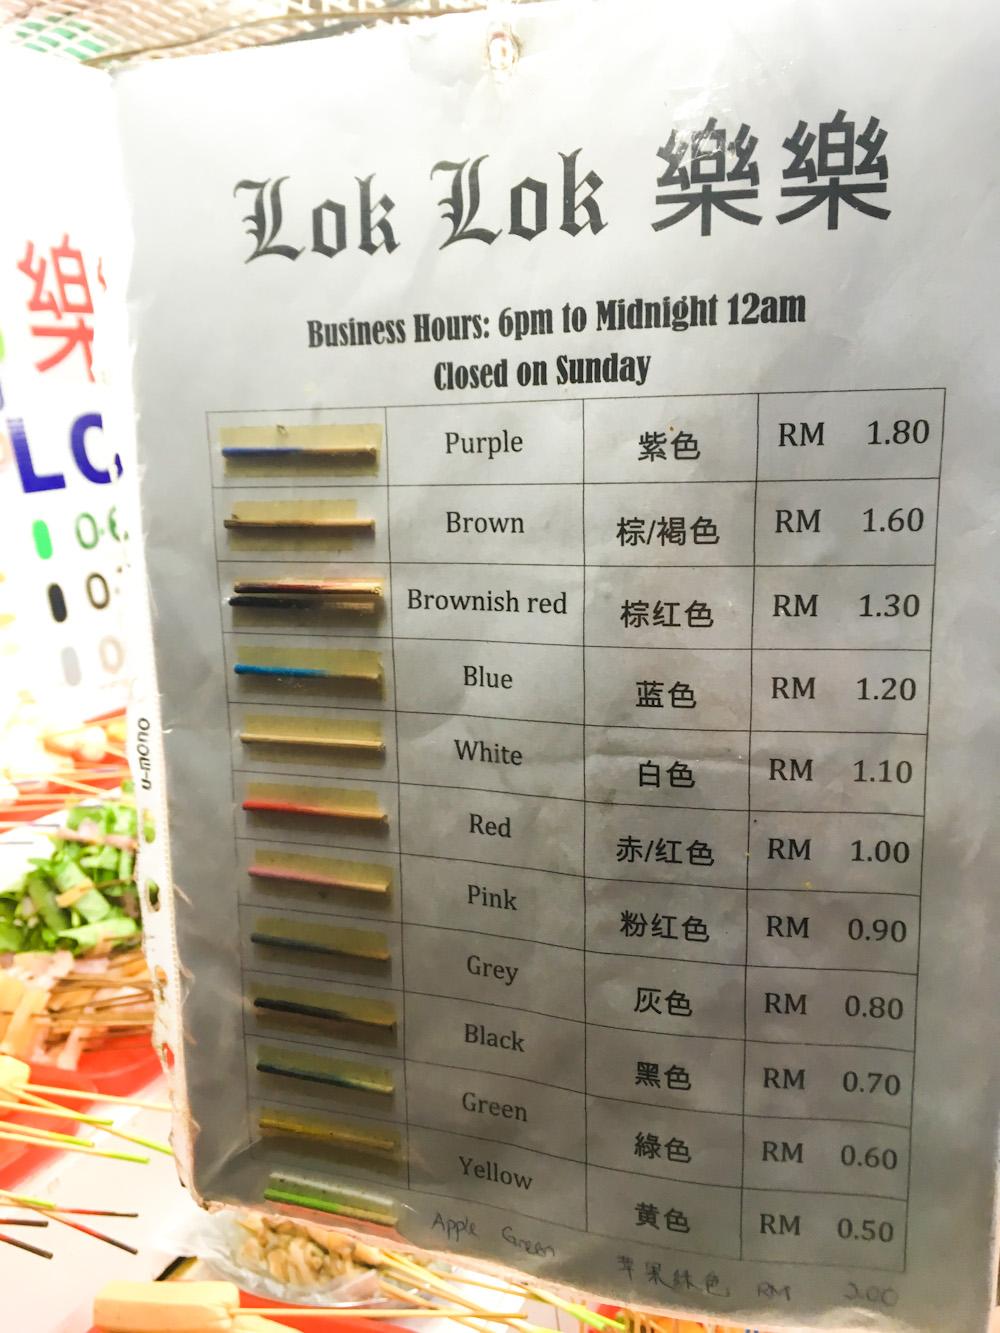 Lok Lok menu